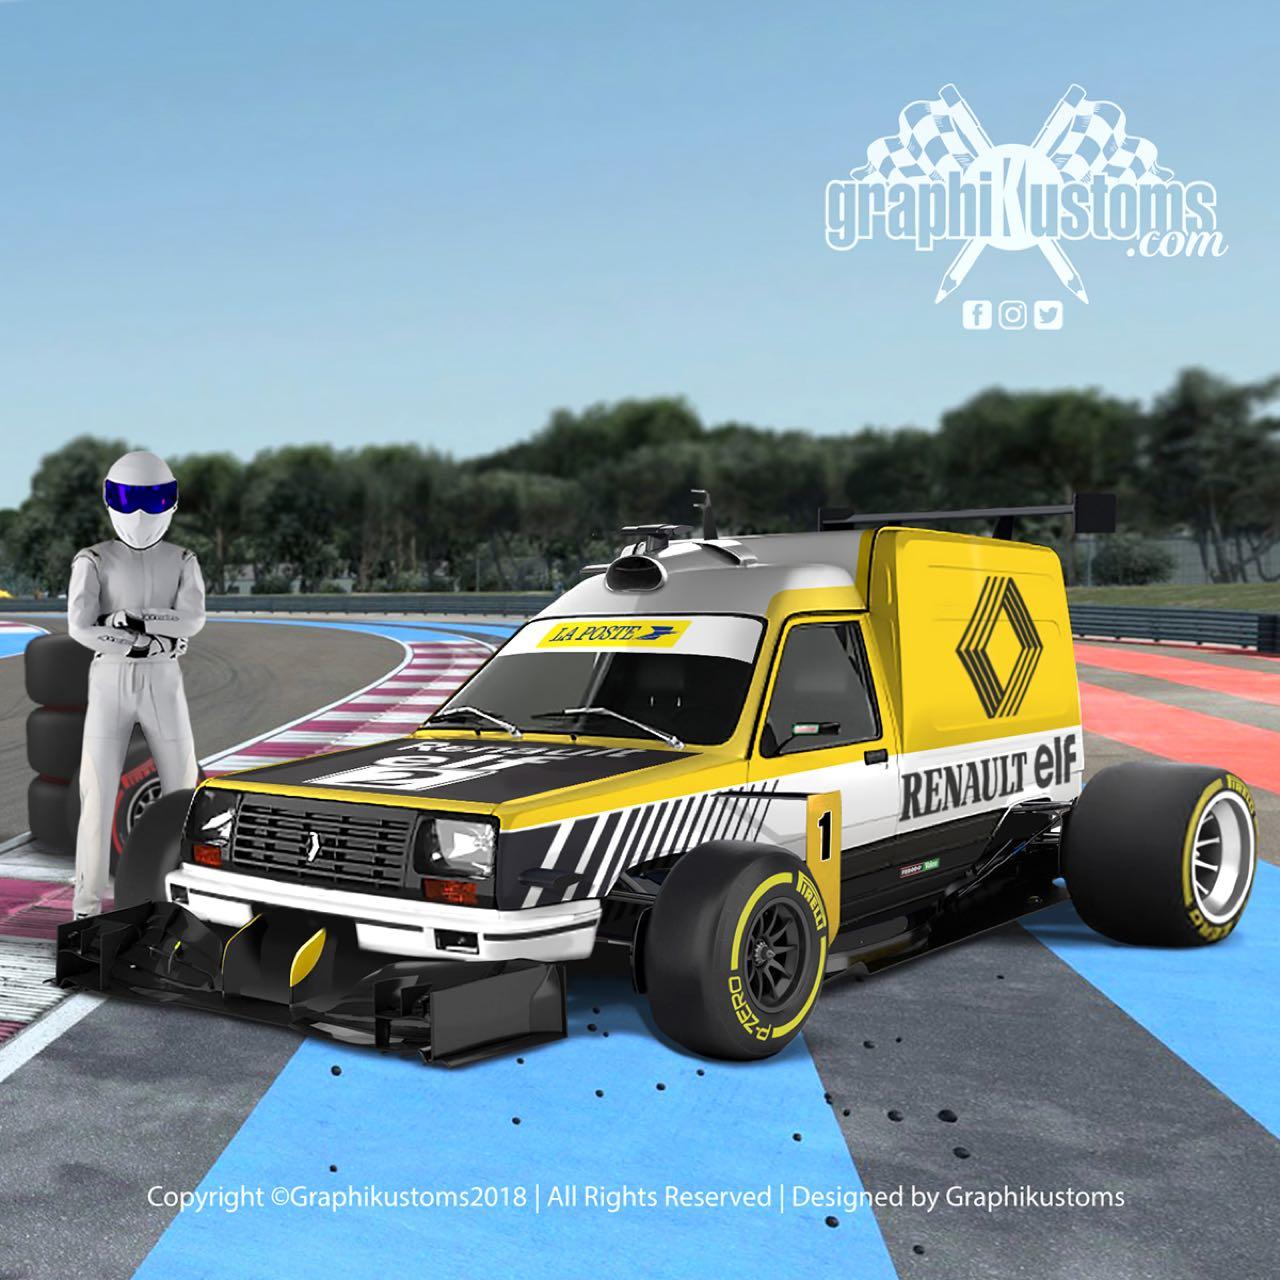 #Petrolhead : Graphikustoms - Le talent de Julien 7